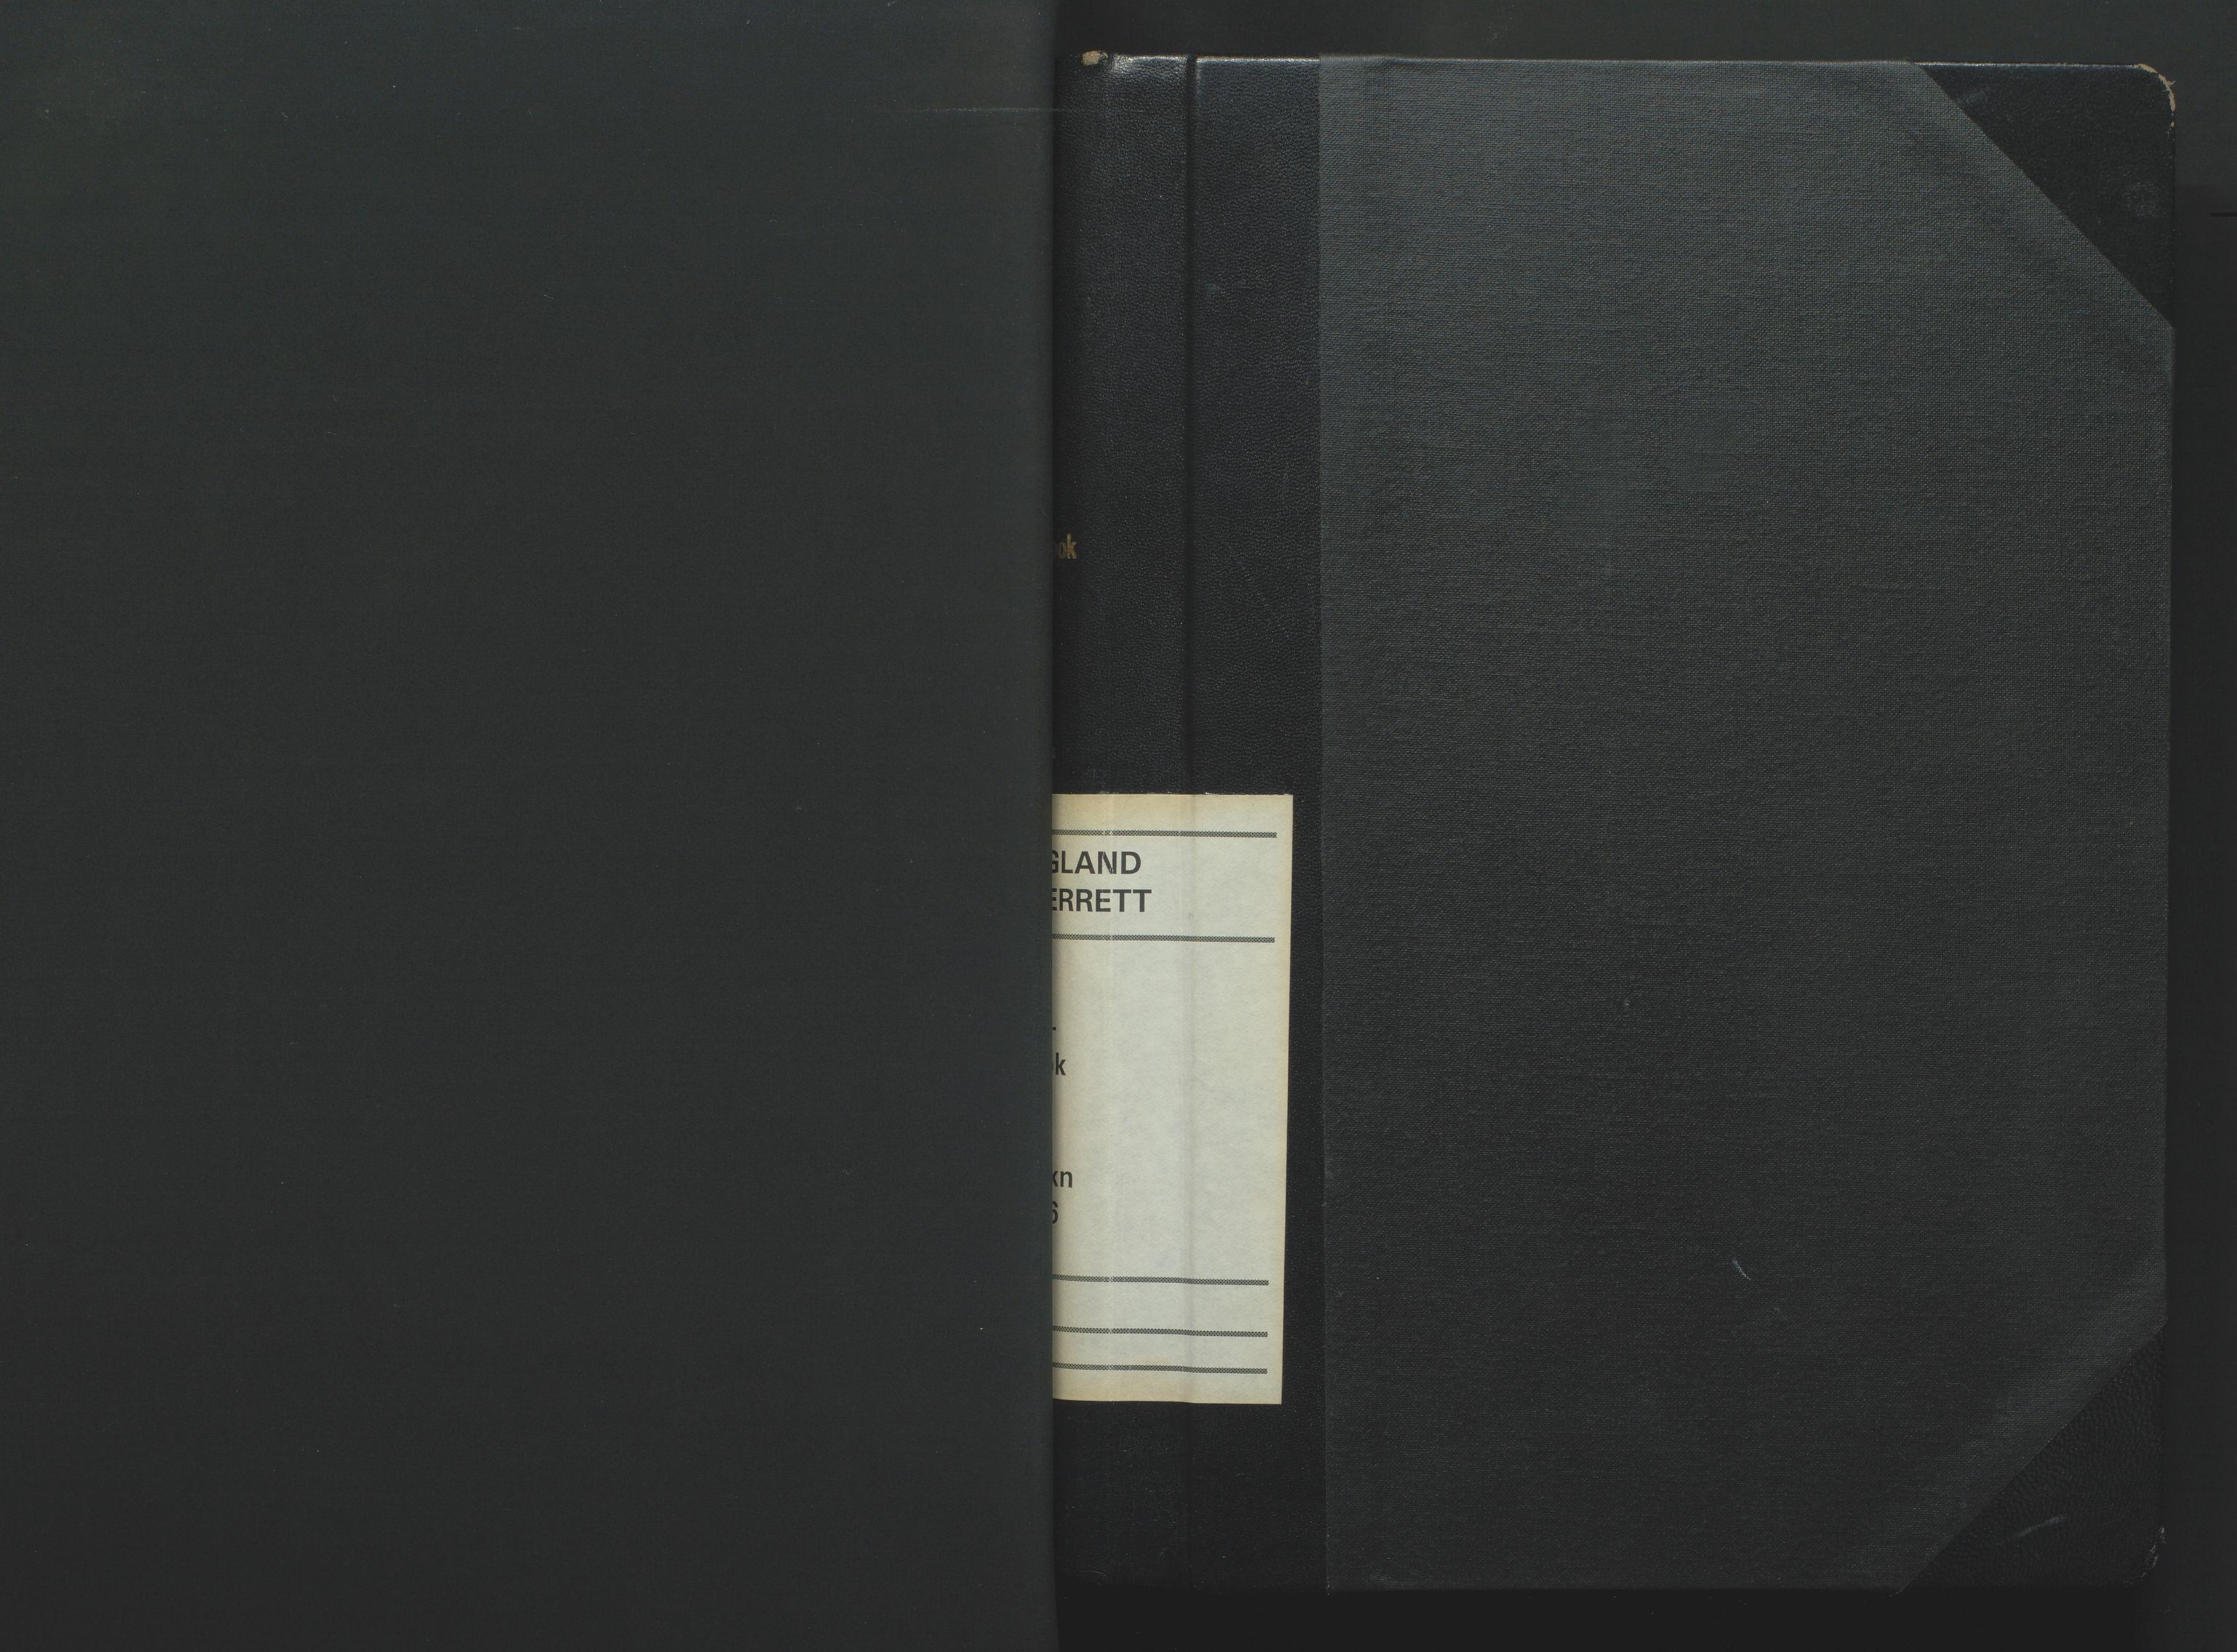 SAK, Jordskifteoverdommeren i Agder og Rogaland, F/Fa/Fab/L0002: Jordskifteoverrettsbok Setesdal jordskiftesokn nr 2, 1974-1976